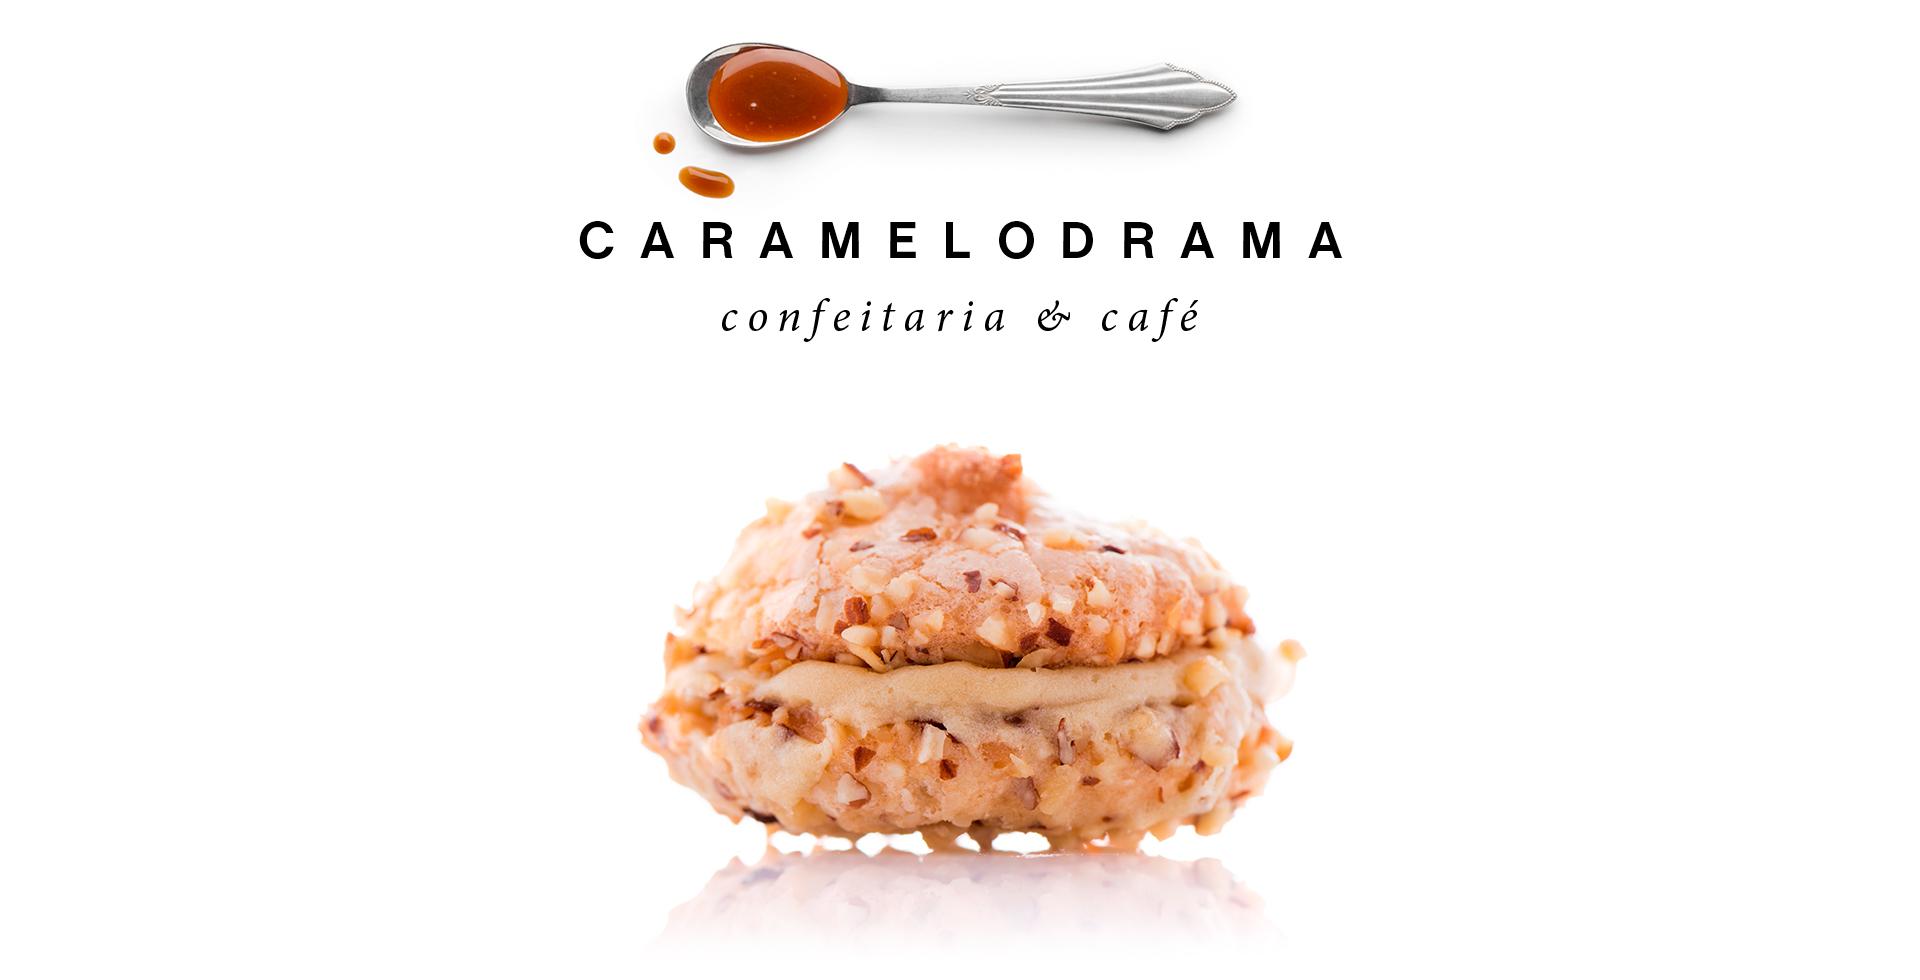 firmorama_caramelodrama_02